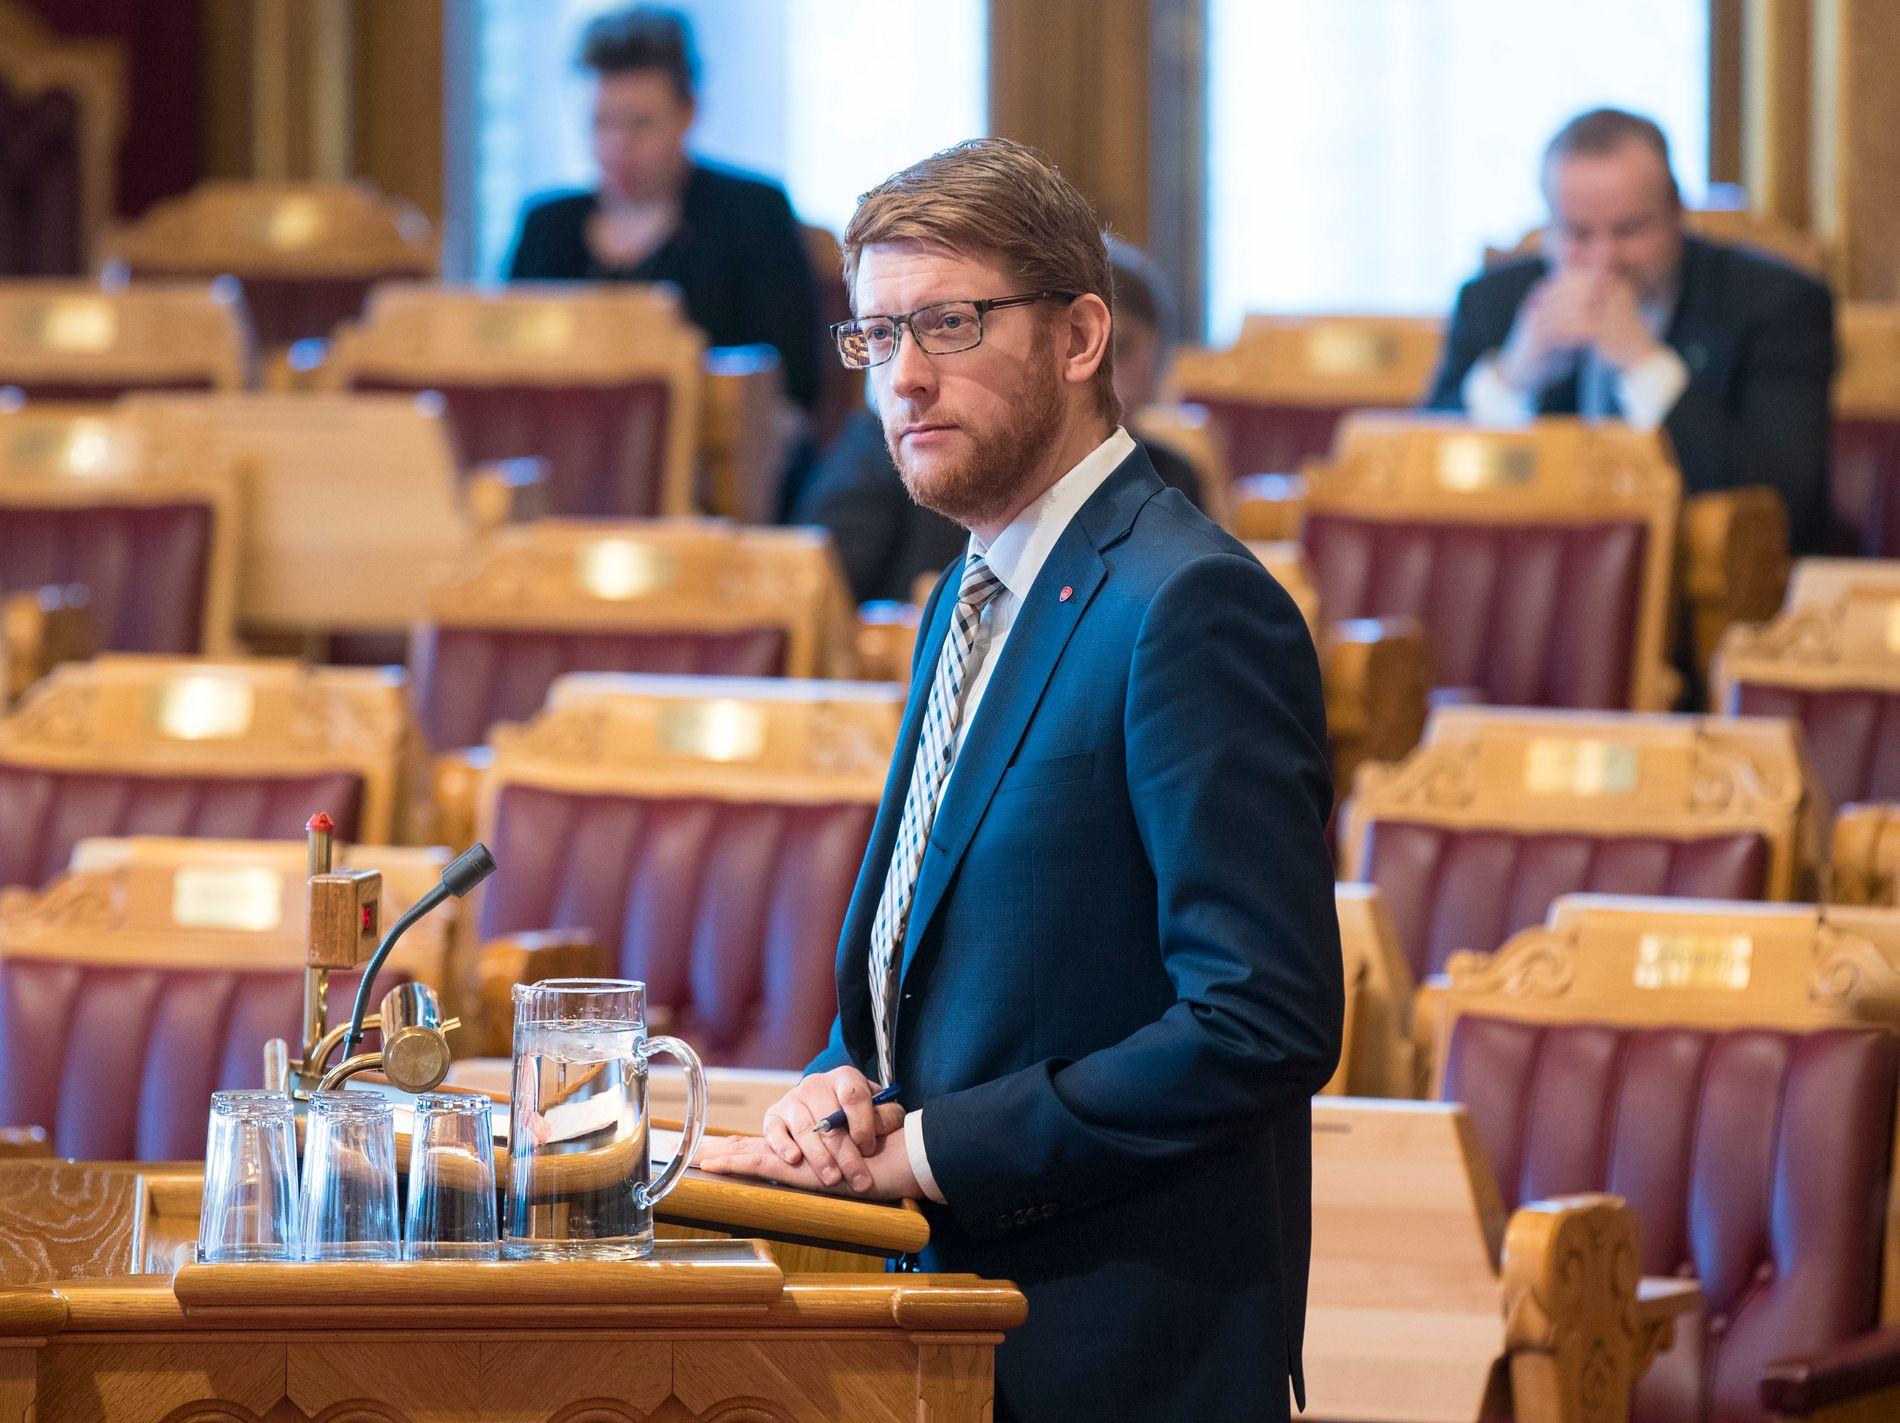 KRITISK: Martin Henriksen, utdanningspolitisk talsperson i Arbeiderpartiet mener regjeringen lar muligheten gå fra seg når tusenvis av unge vil studere IKT, men ikke får muligheten.